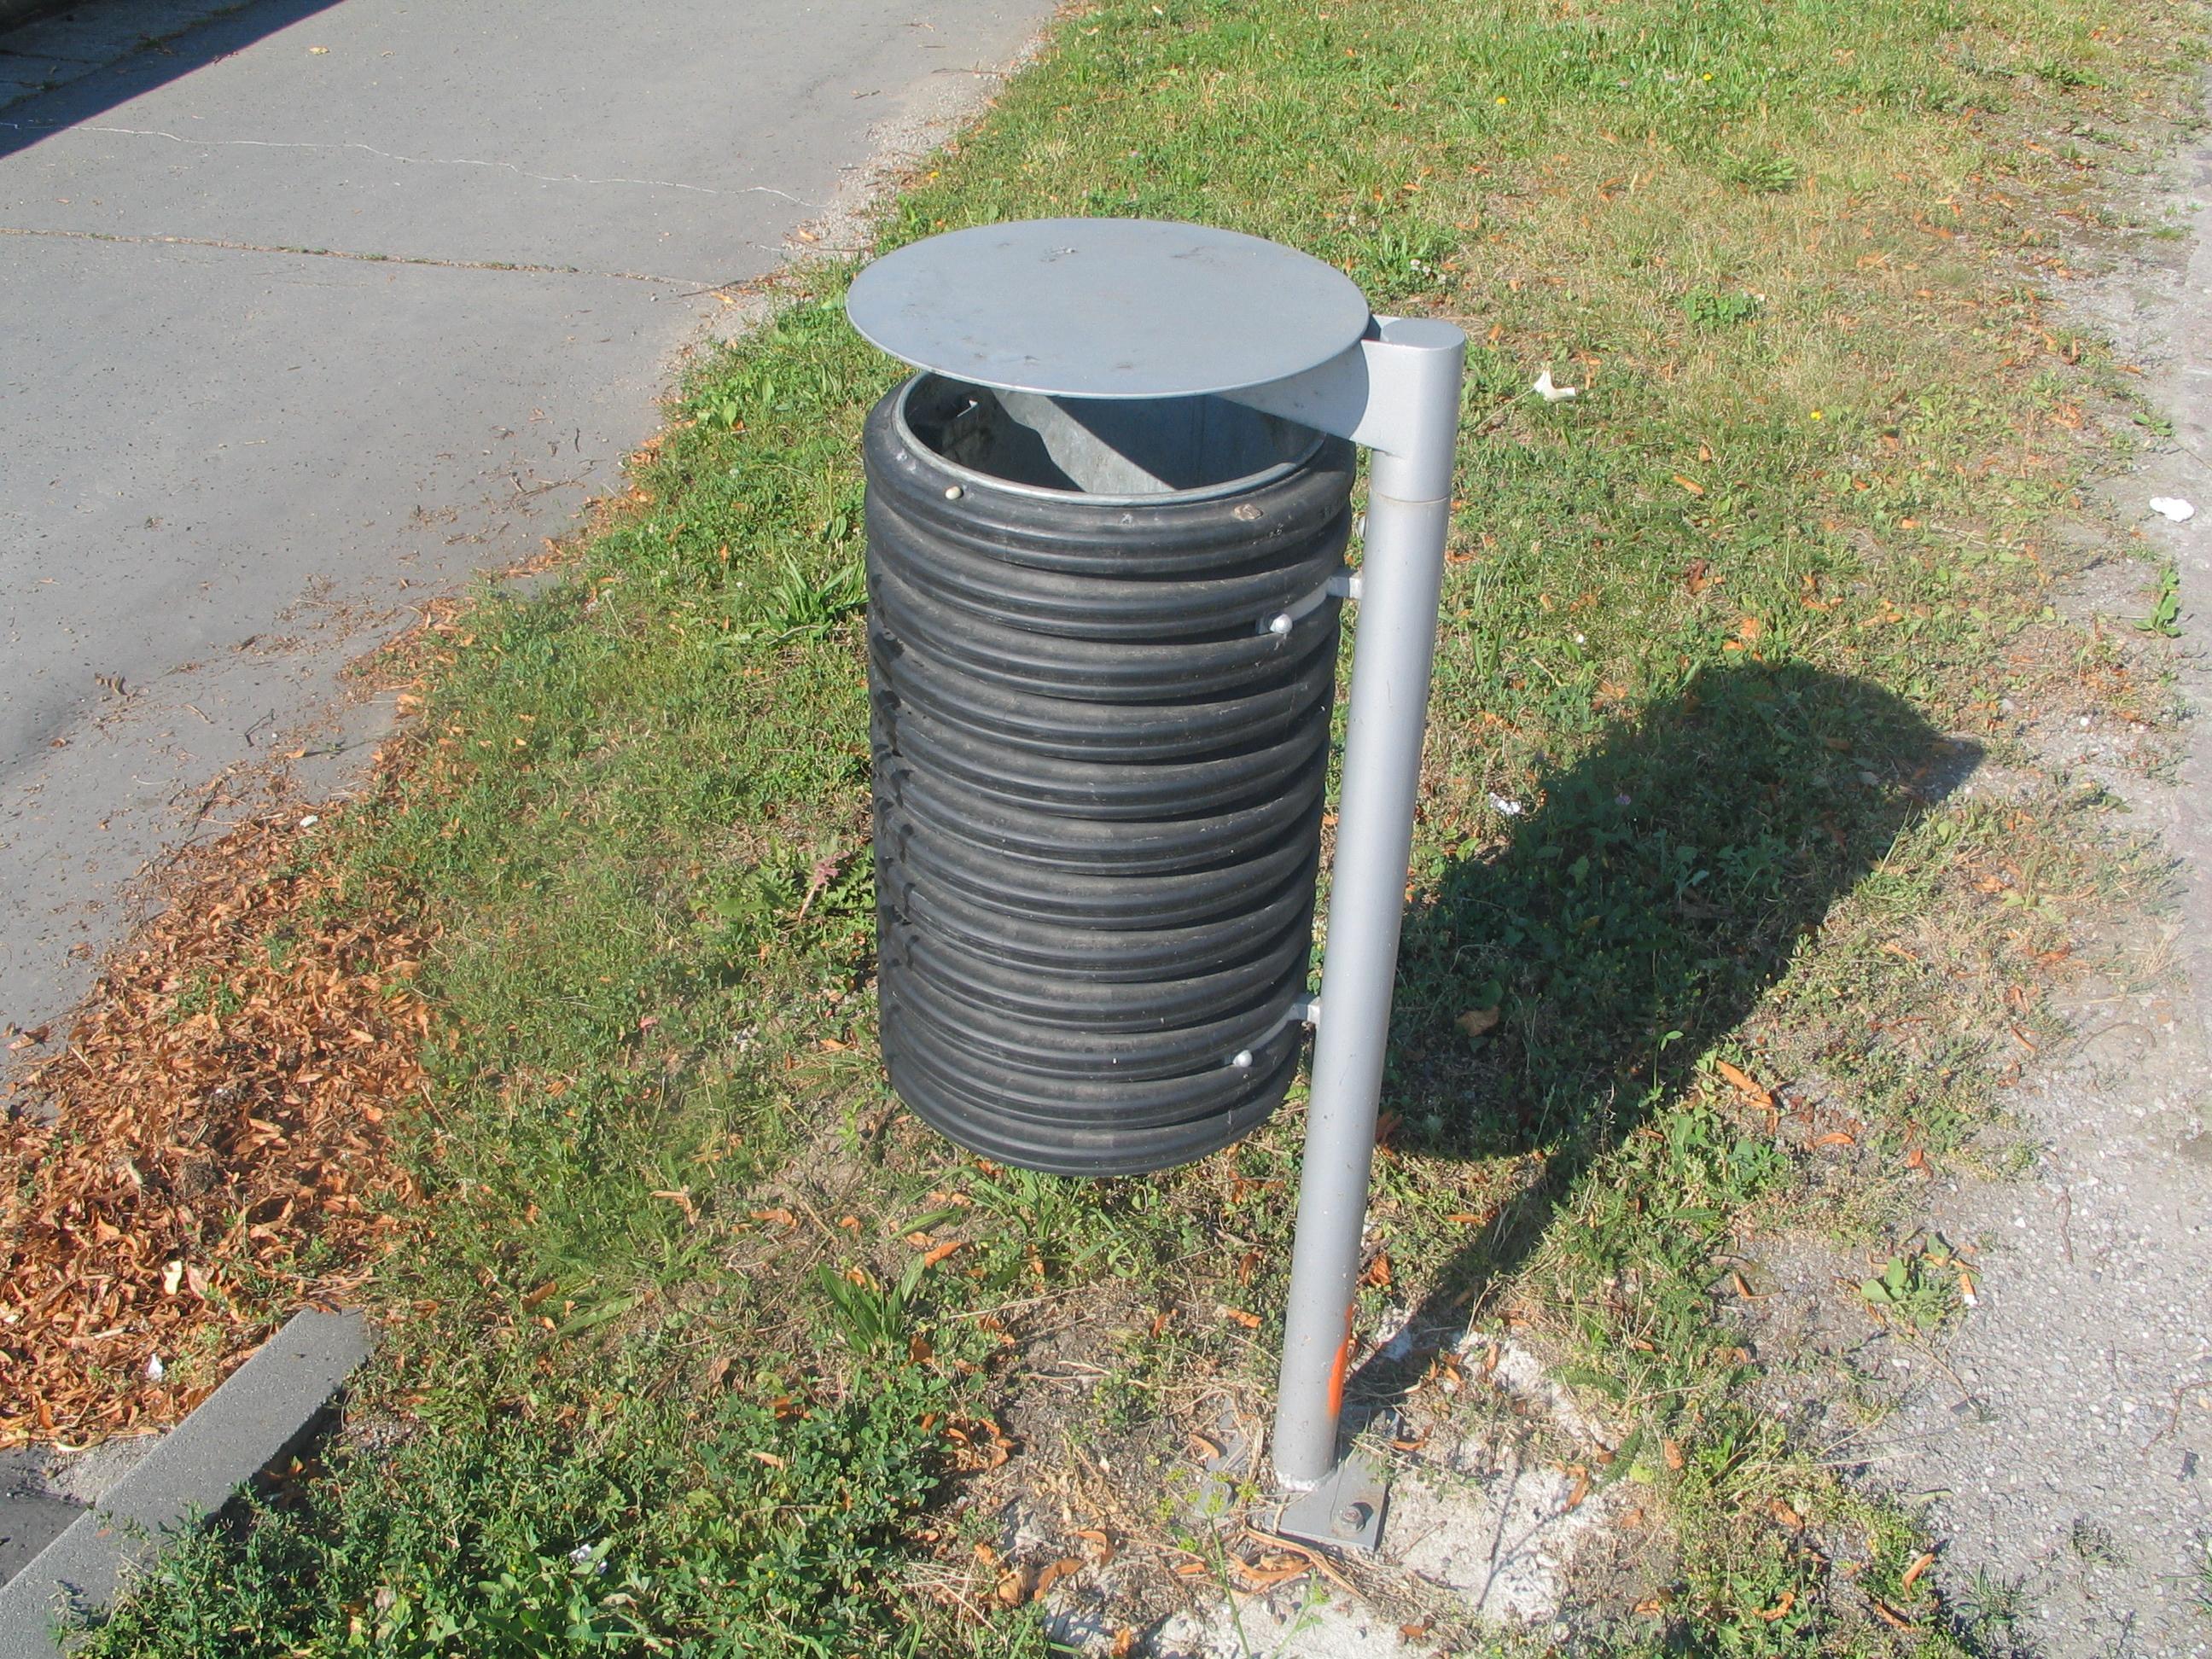 filegarbage bin in banska bystricajpg